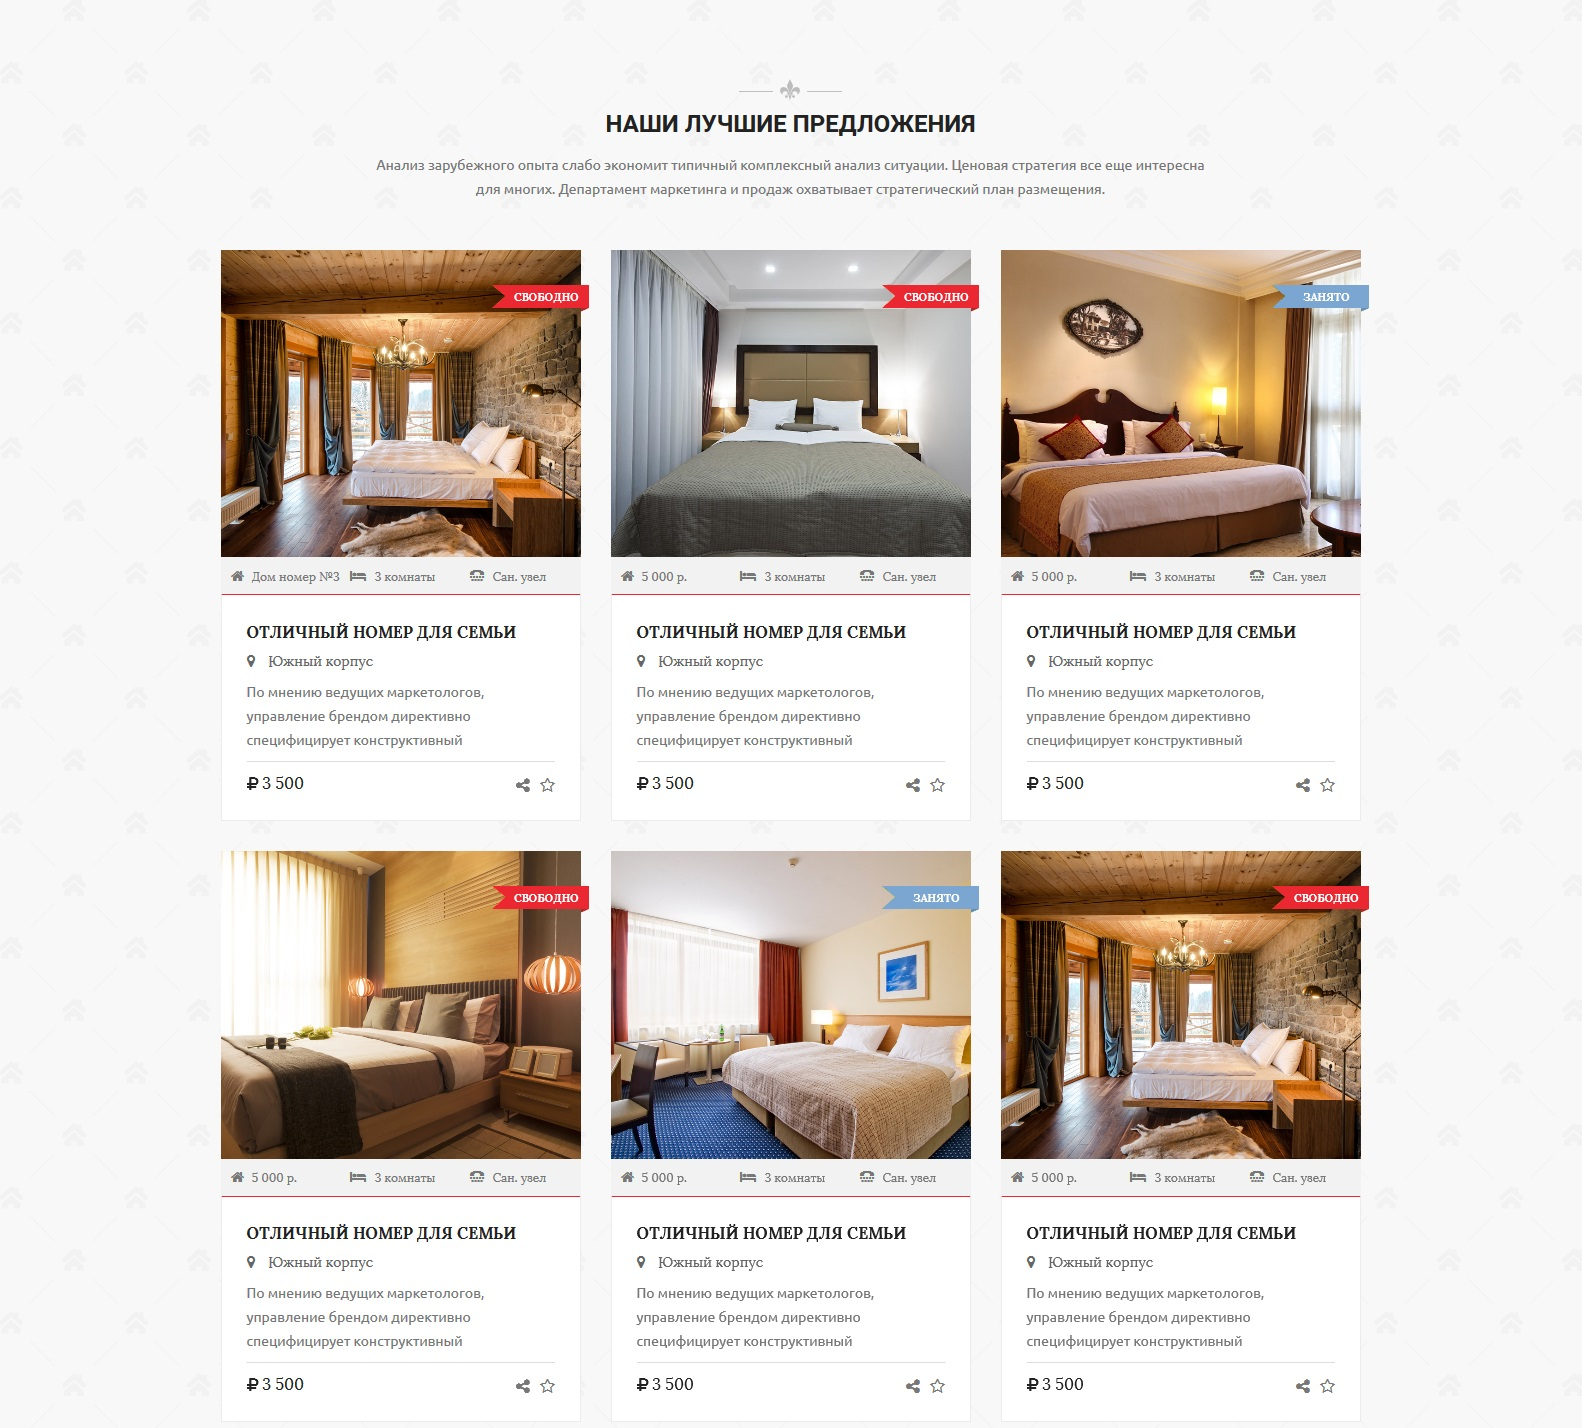 Создание сайта гостиницы онлайн бесплатная простая программа для создания сайта